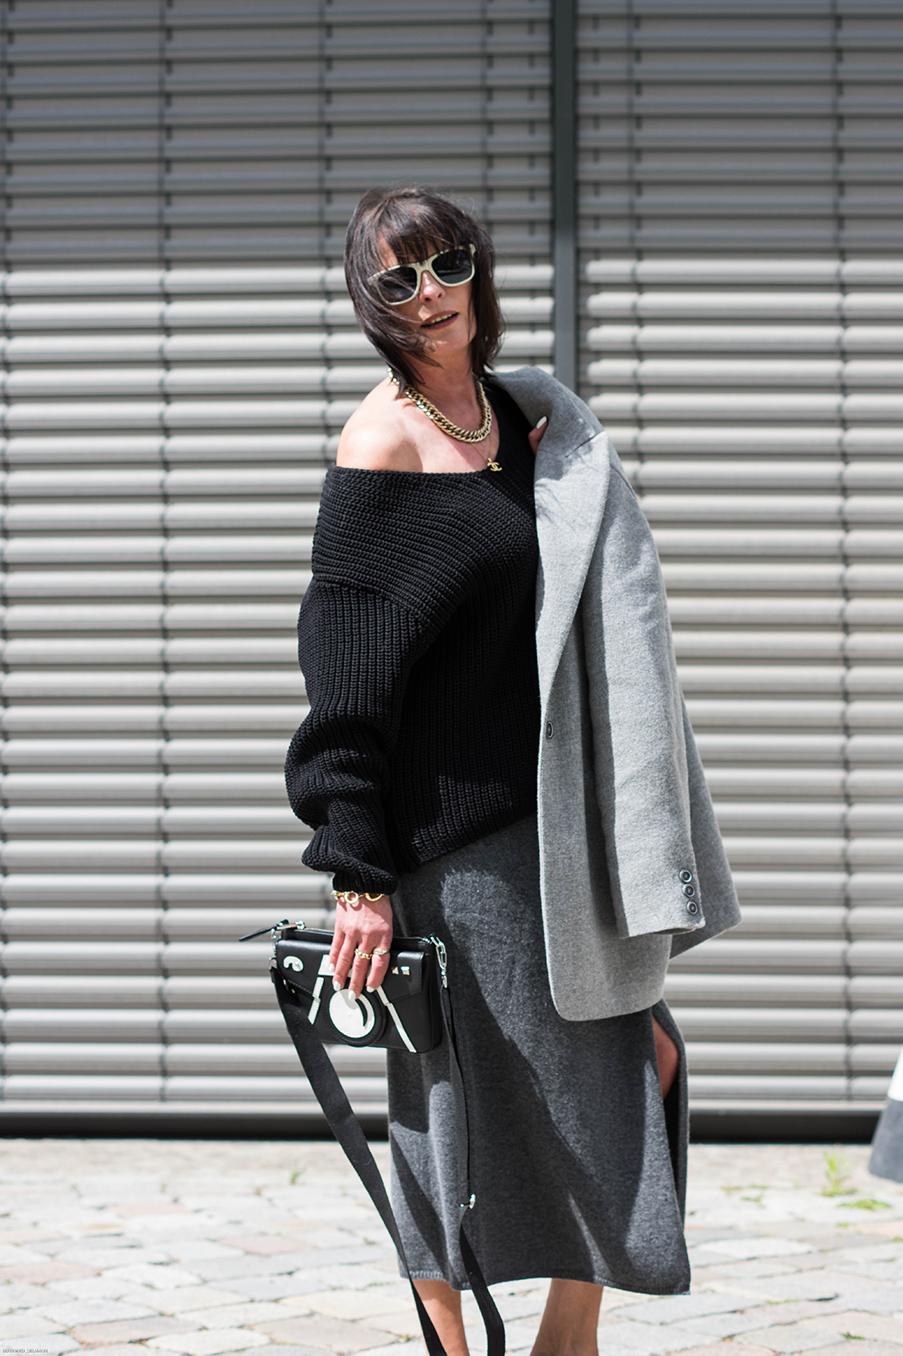 Just-take-a-look Berlin Outfit Grauer Rock und Maske-12.1